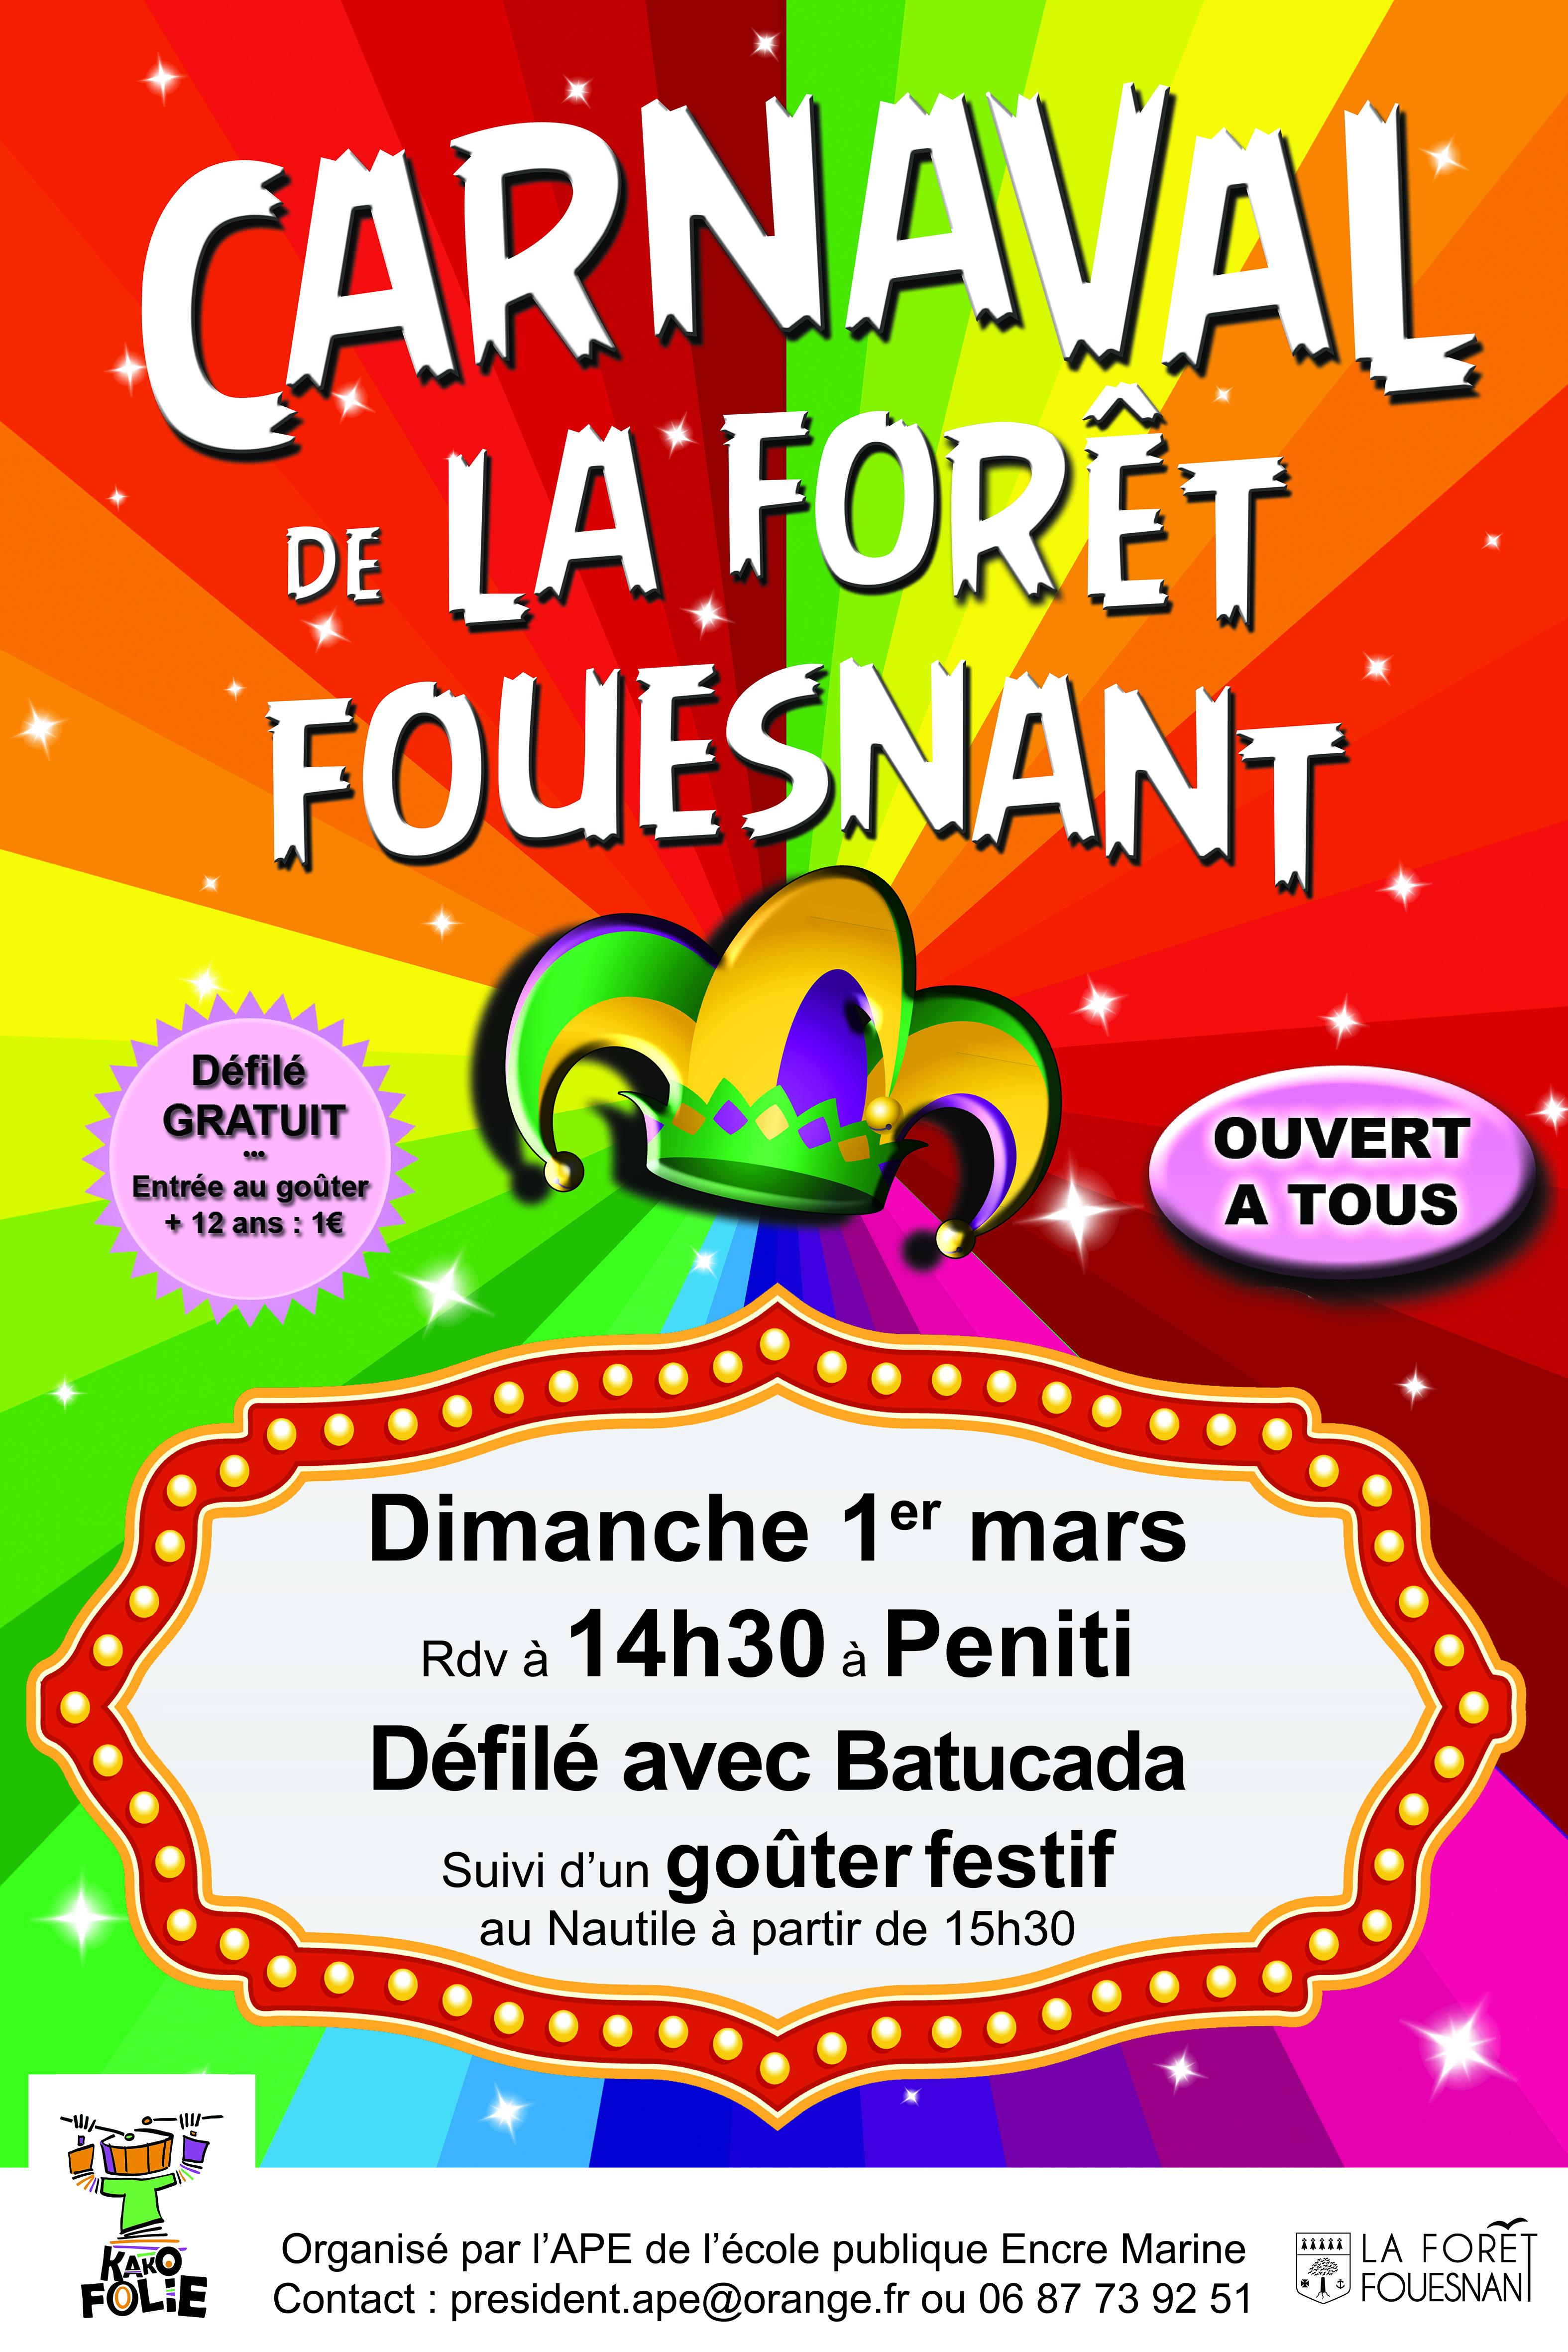 Carnaval de La Forêt-Fouesnant